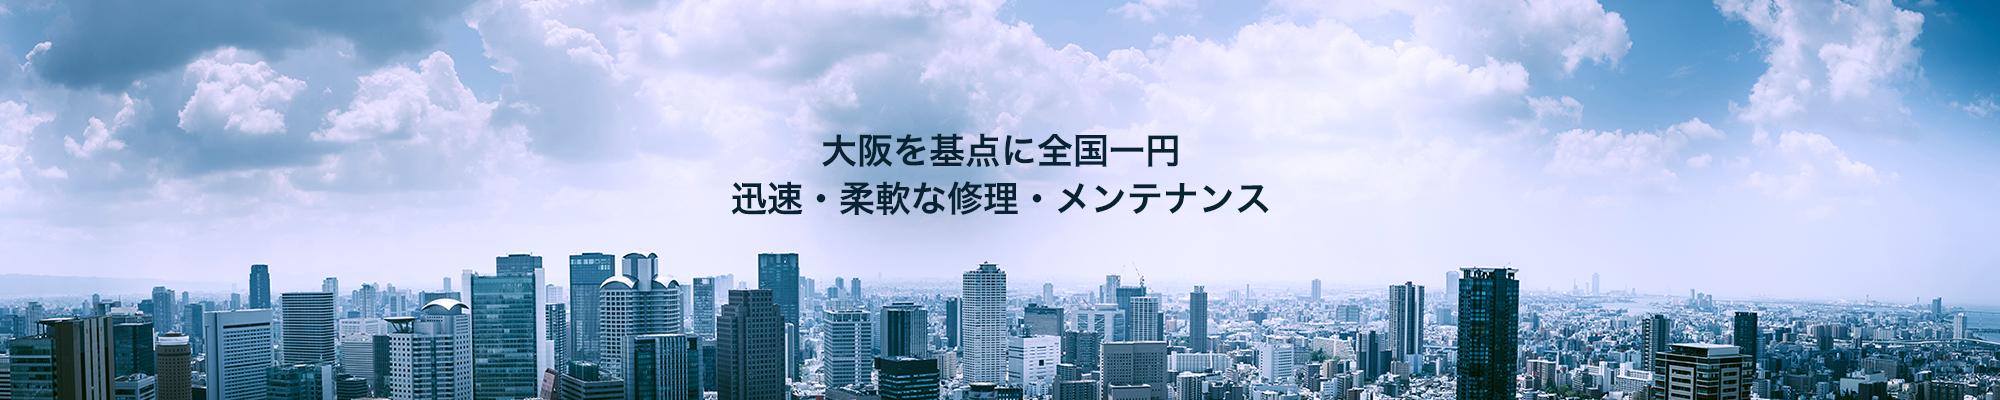 大阪を基点に全国一円、迅速、柔軟な修理・メンテナンス